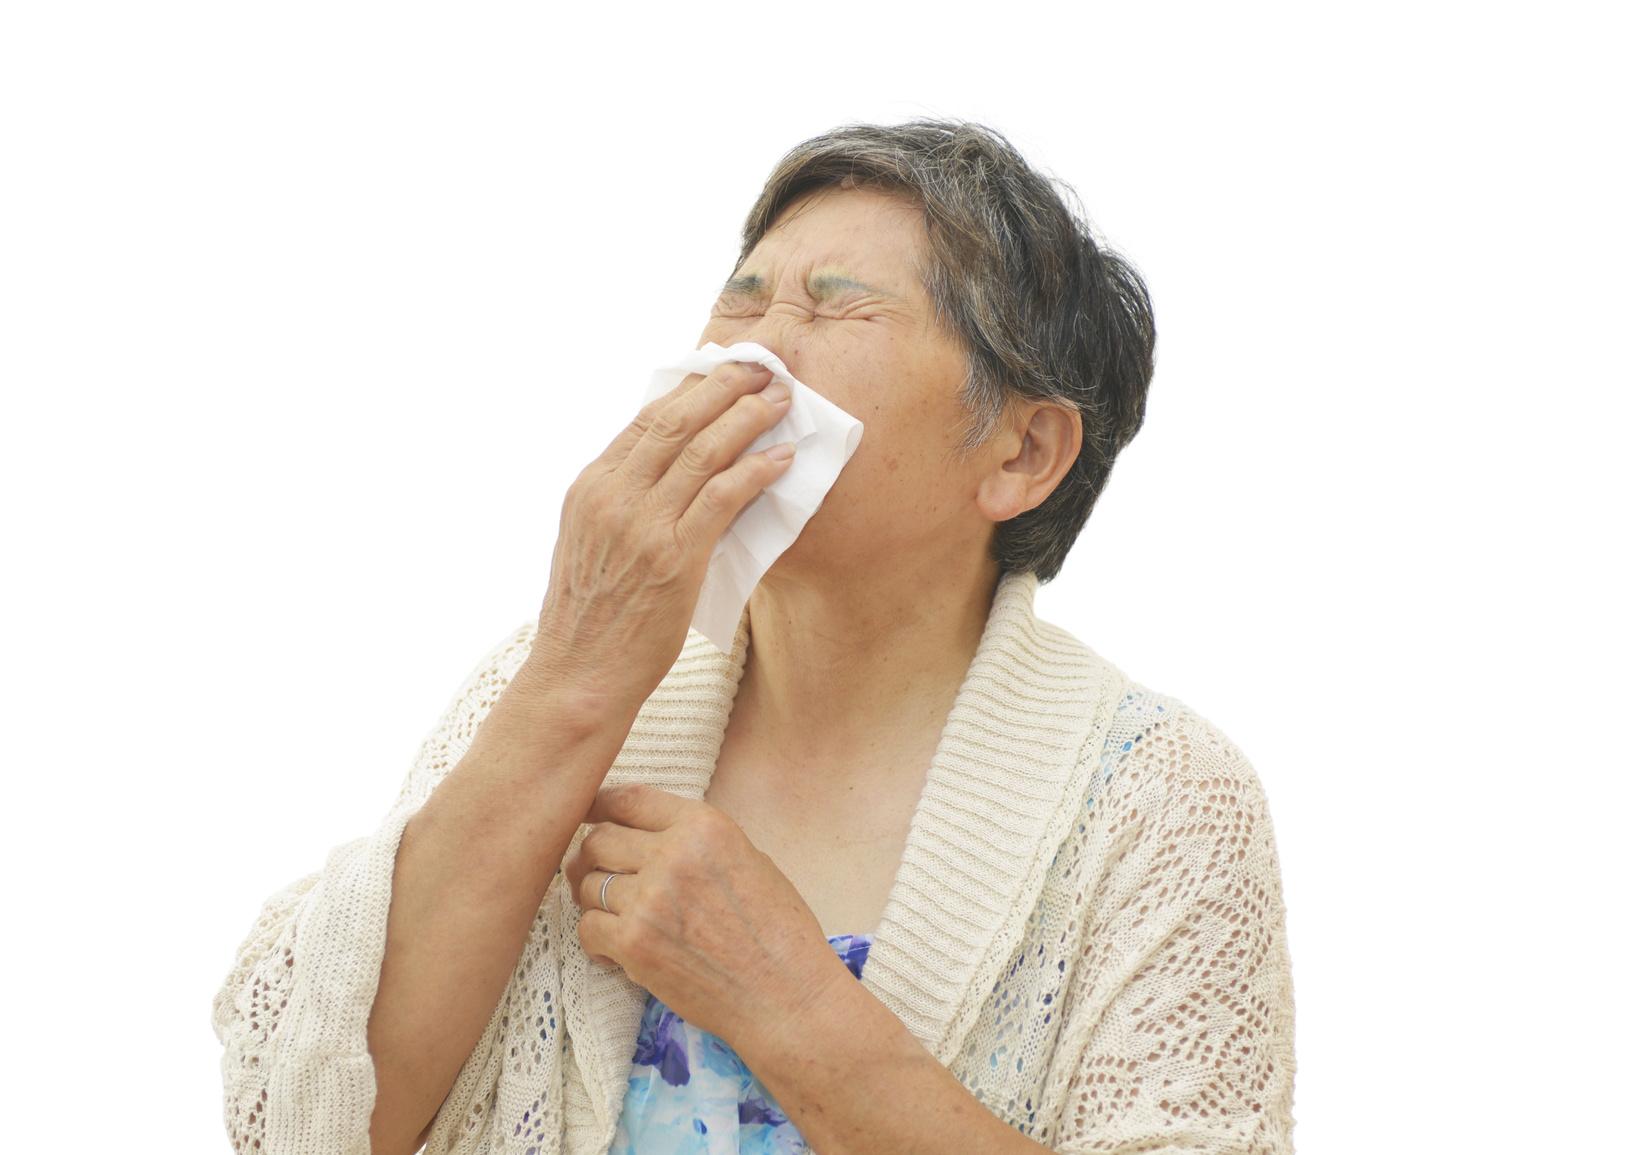 押さえてとまらない鼻血はない!でも稀に病気が潜んでいることがあるので注意!